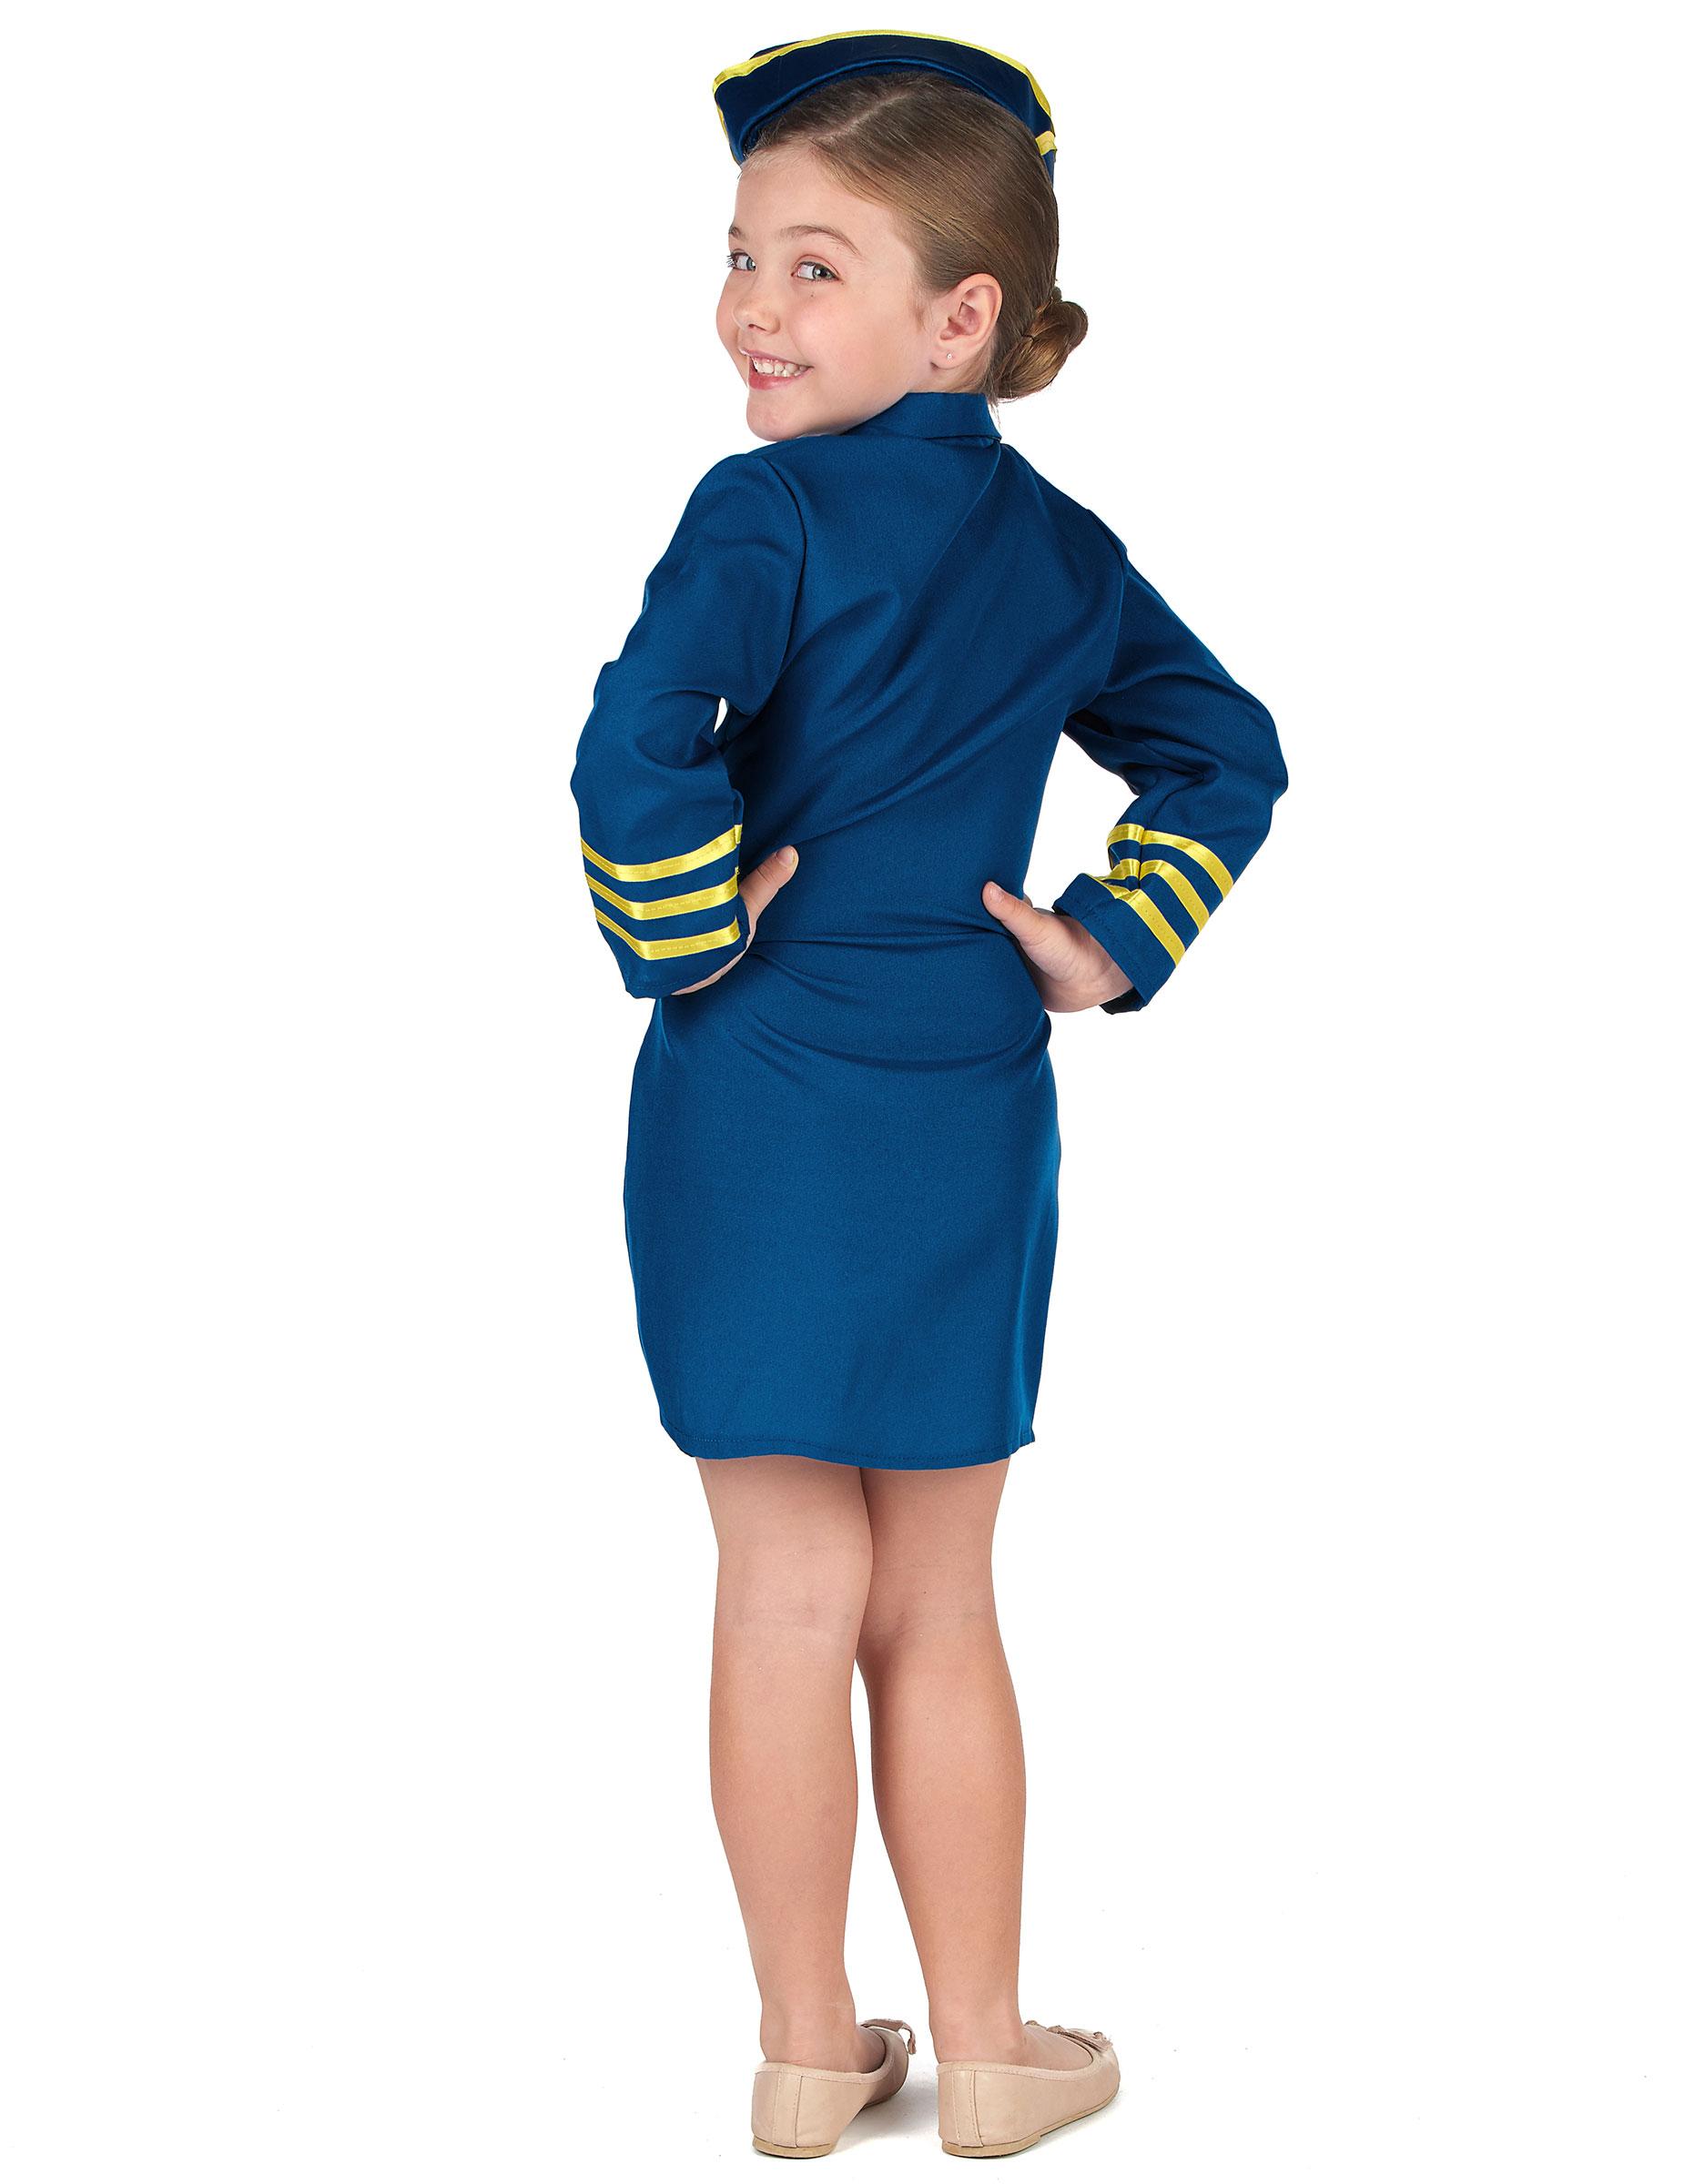 Déguisement uniforme hôtesse de l air fille   Deguise-toi, achat de ... 72ebc26b4889